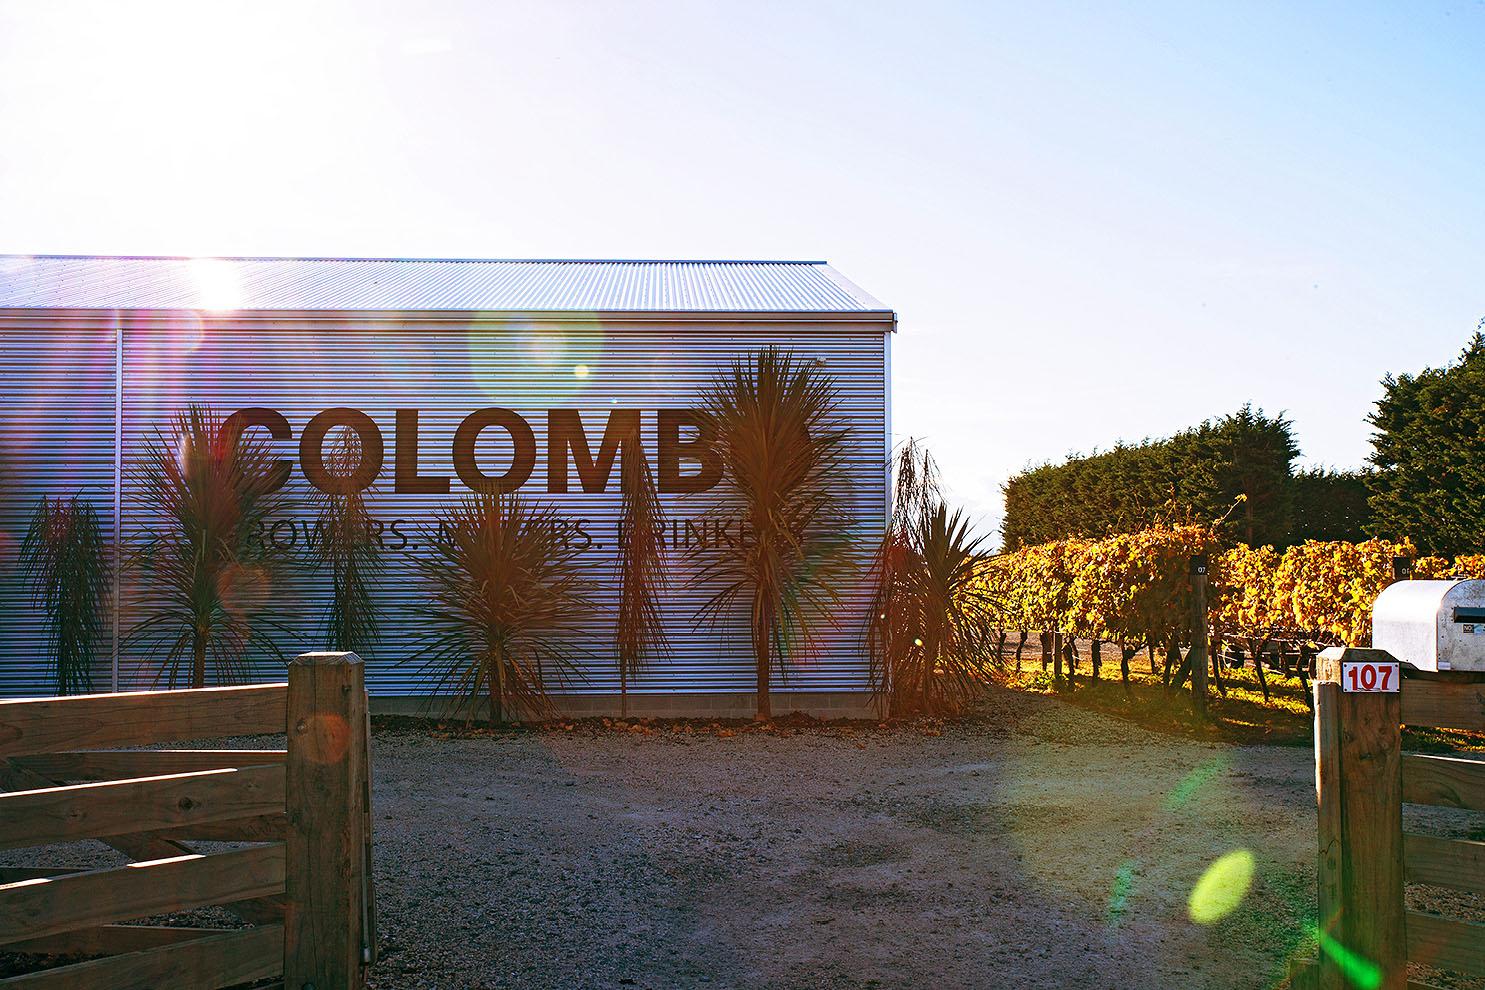 Das Weingut besitzt 2 Hektaren Rebfläche und eine neue, moderne Kellerei